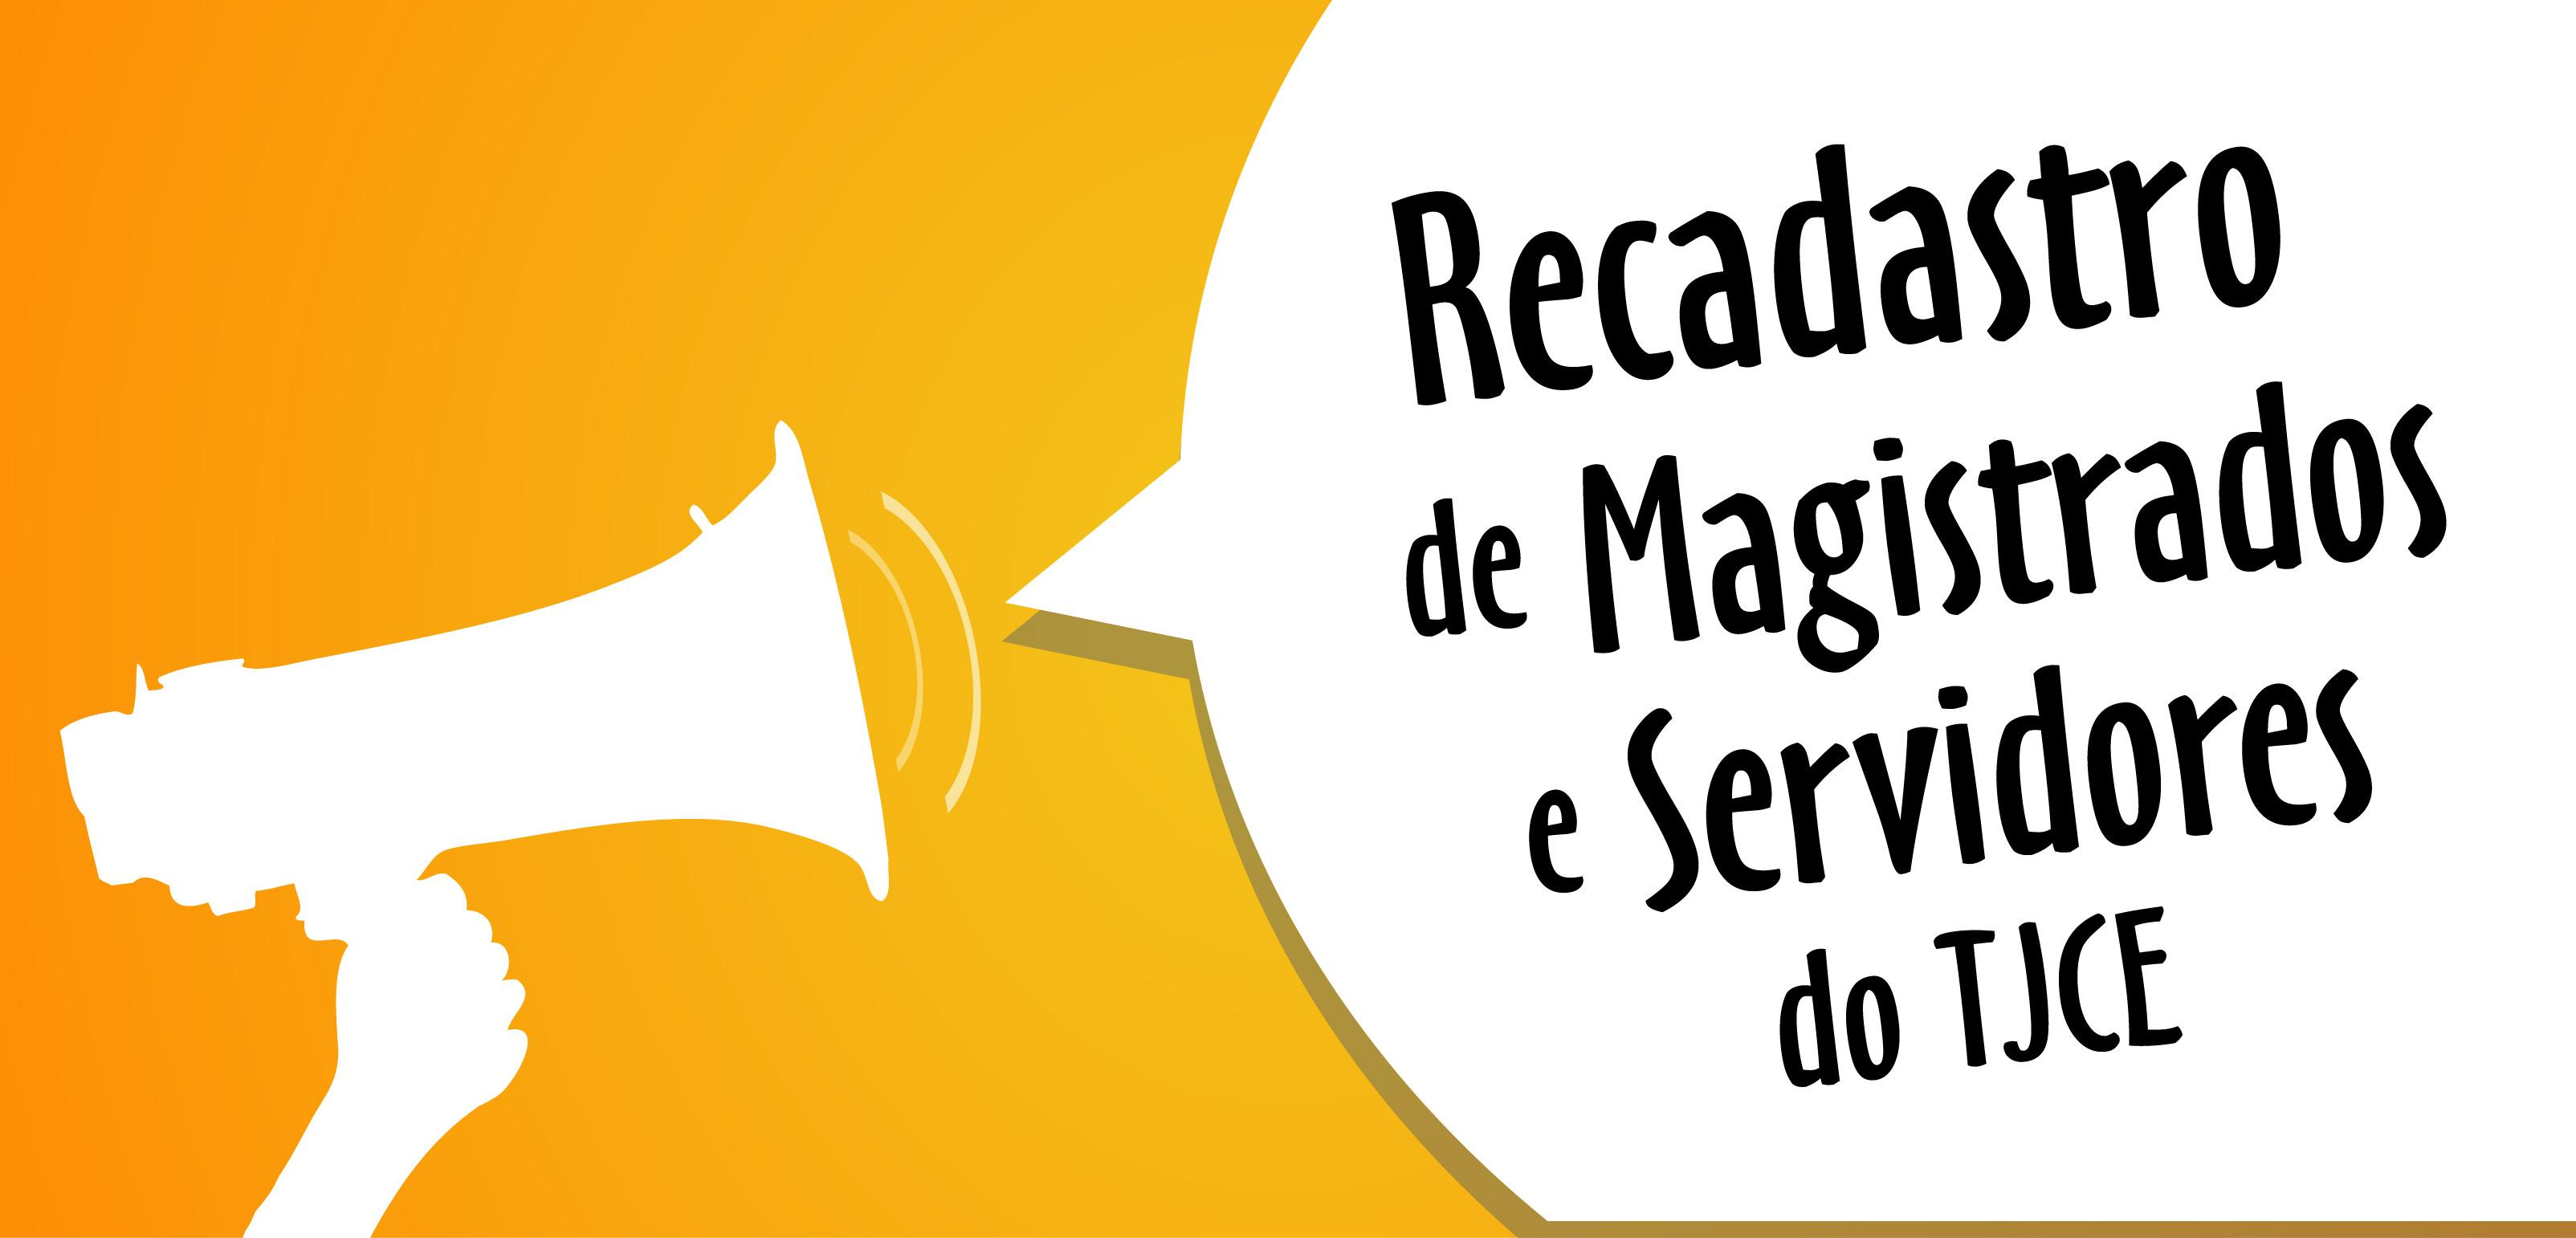 Prorrogado prazo para recadastramento de servidores e magistrados